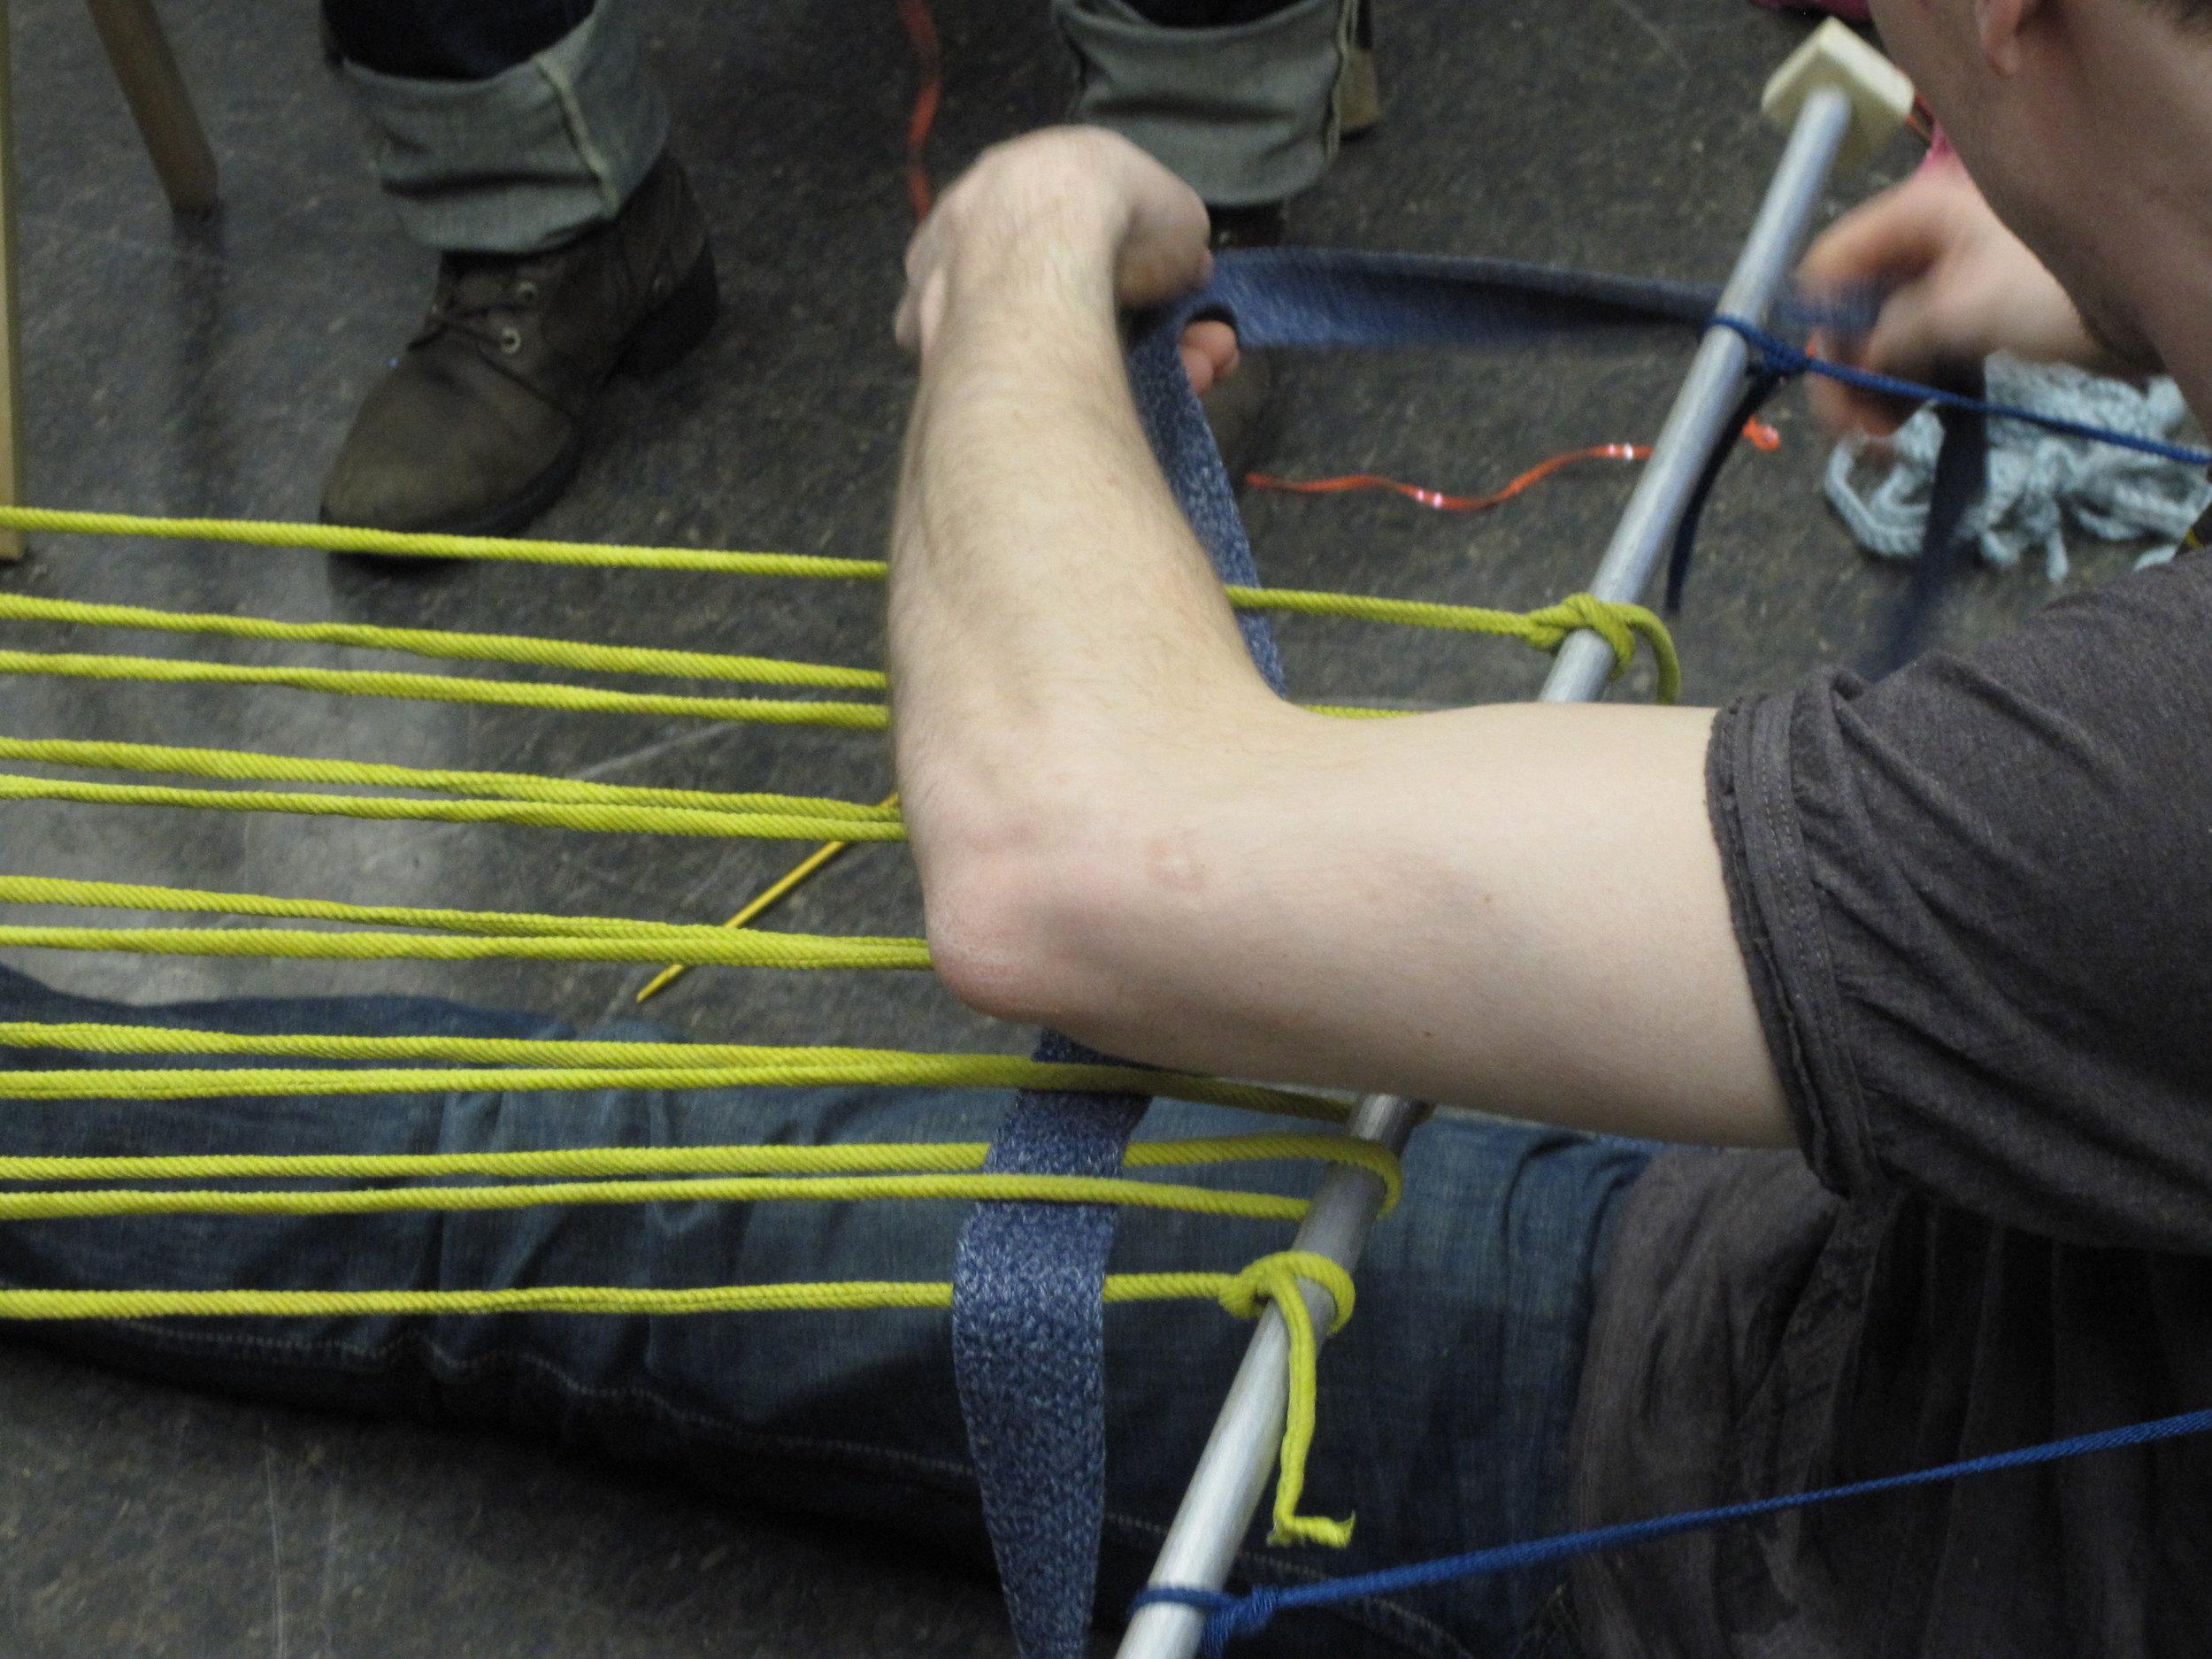 knittingmarathon10_4314471167_o.jpg